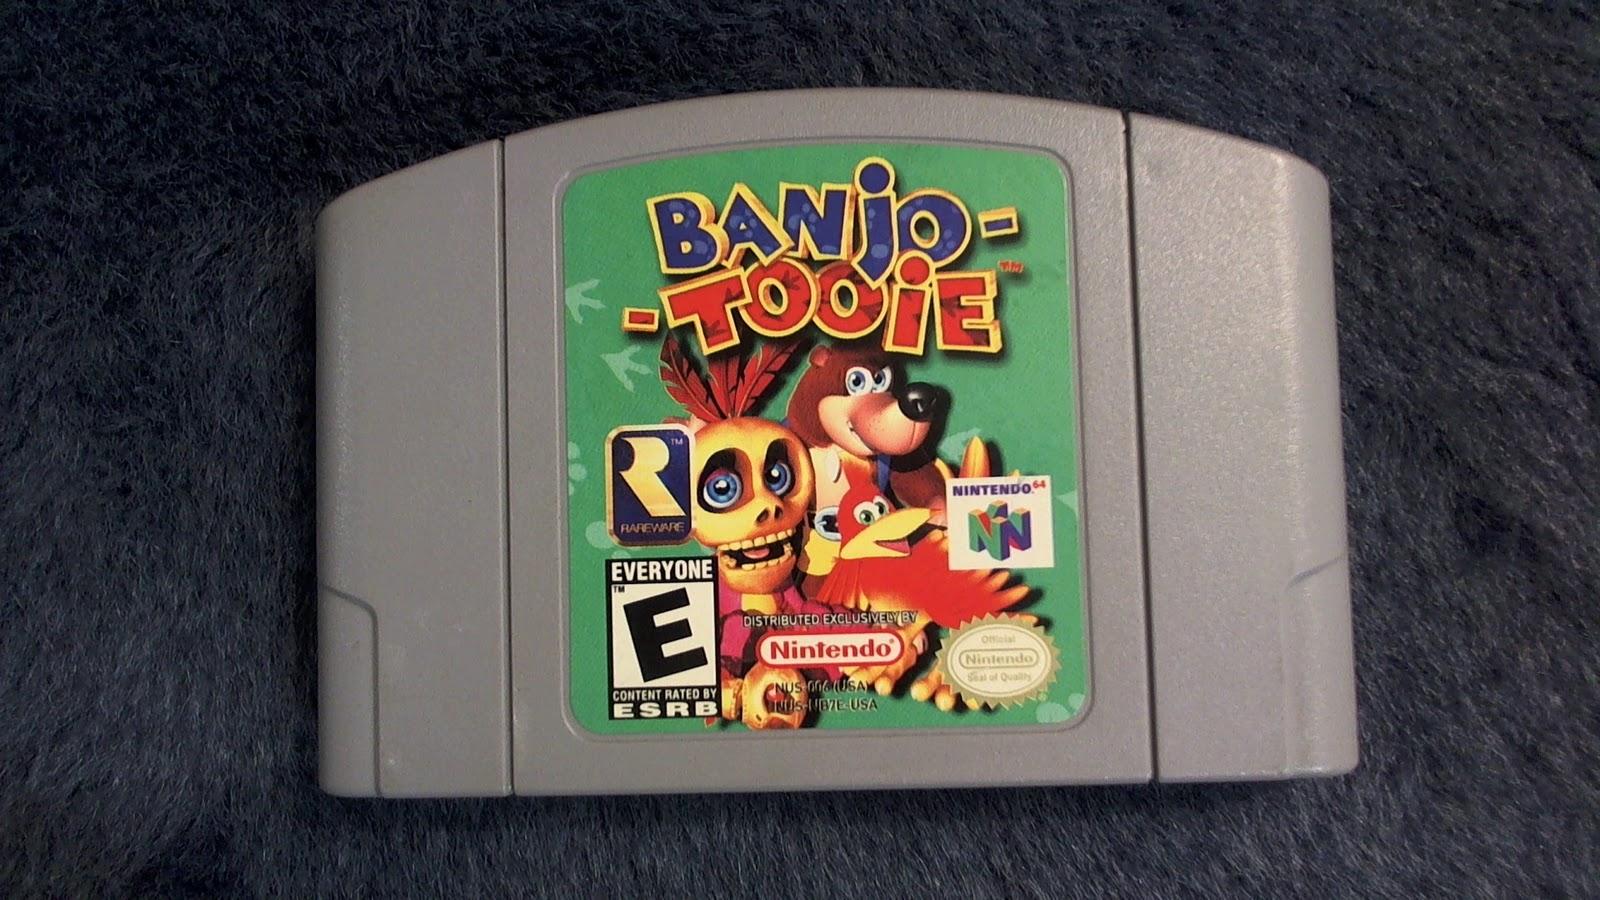 Nintendo 64 Games Arrived!